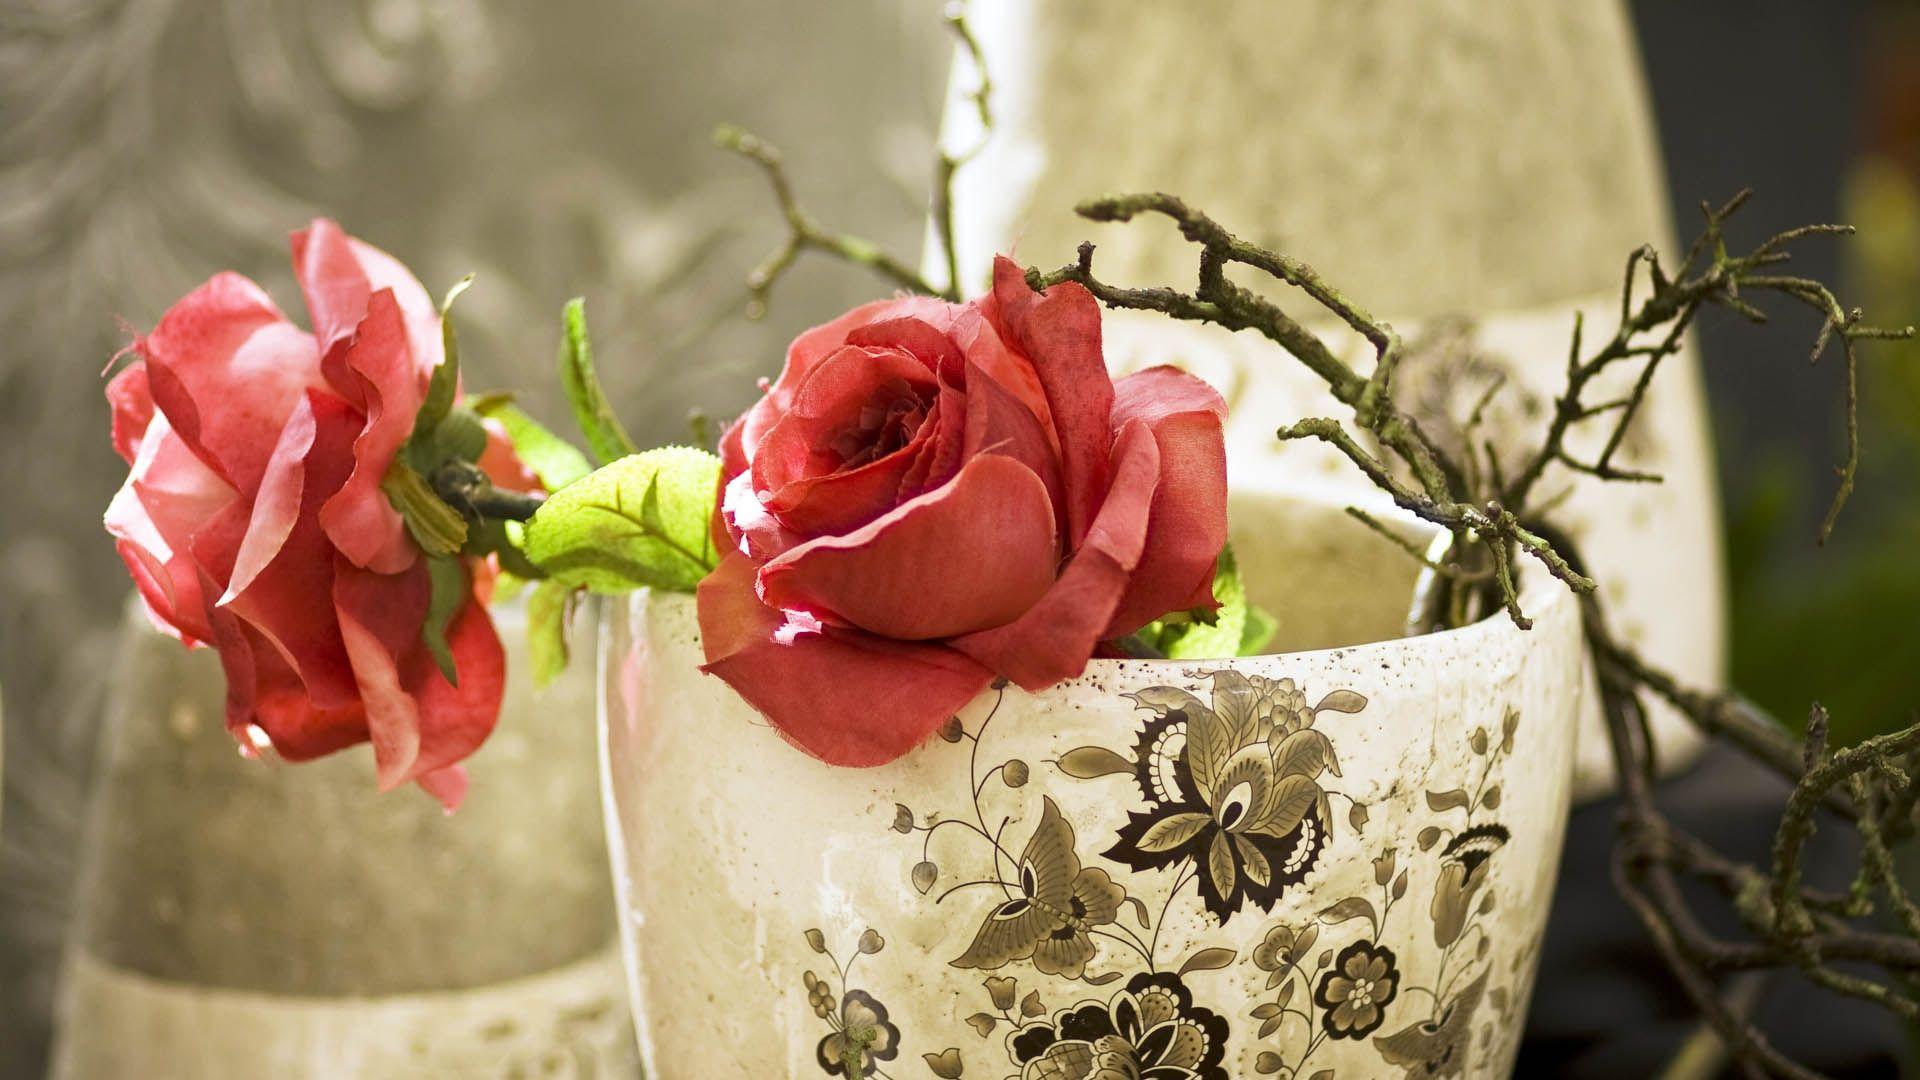 1920x1080 wallpaper roses vase petals dry a whisper of roses 1920x1080 wallpaper roses vase petals dry reviewsmspy